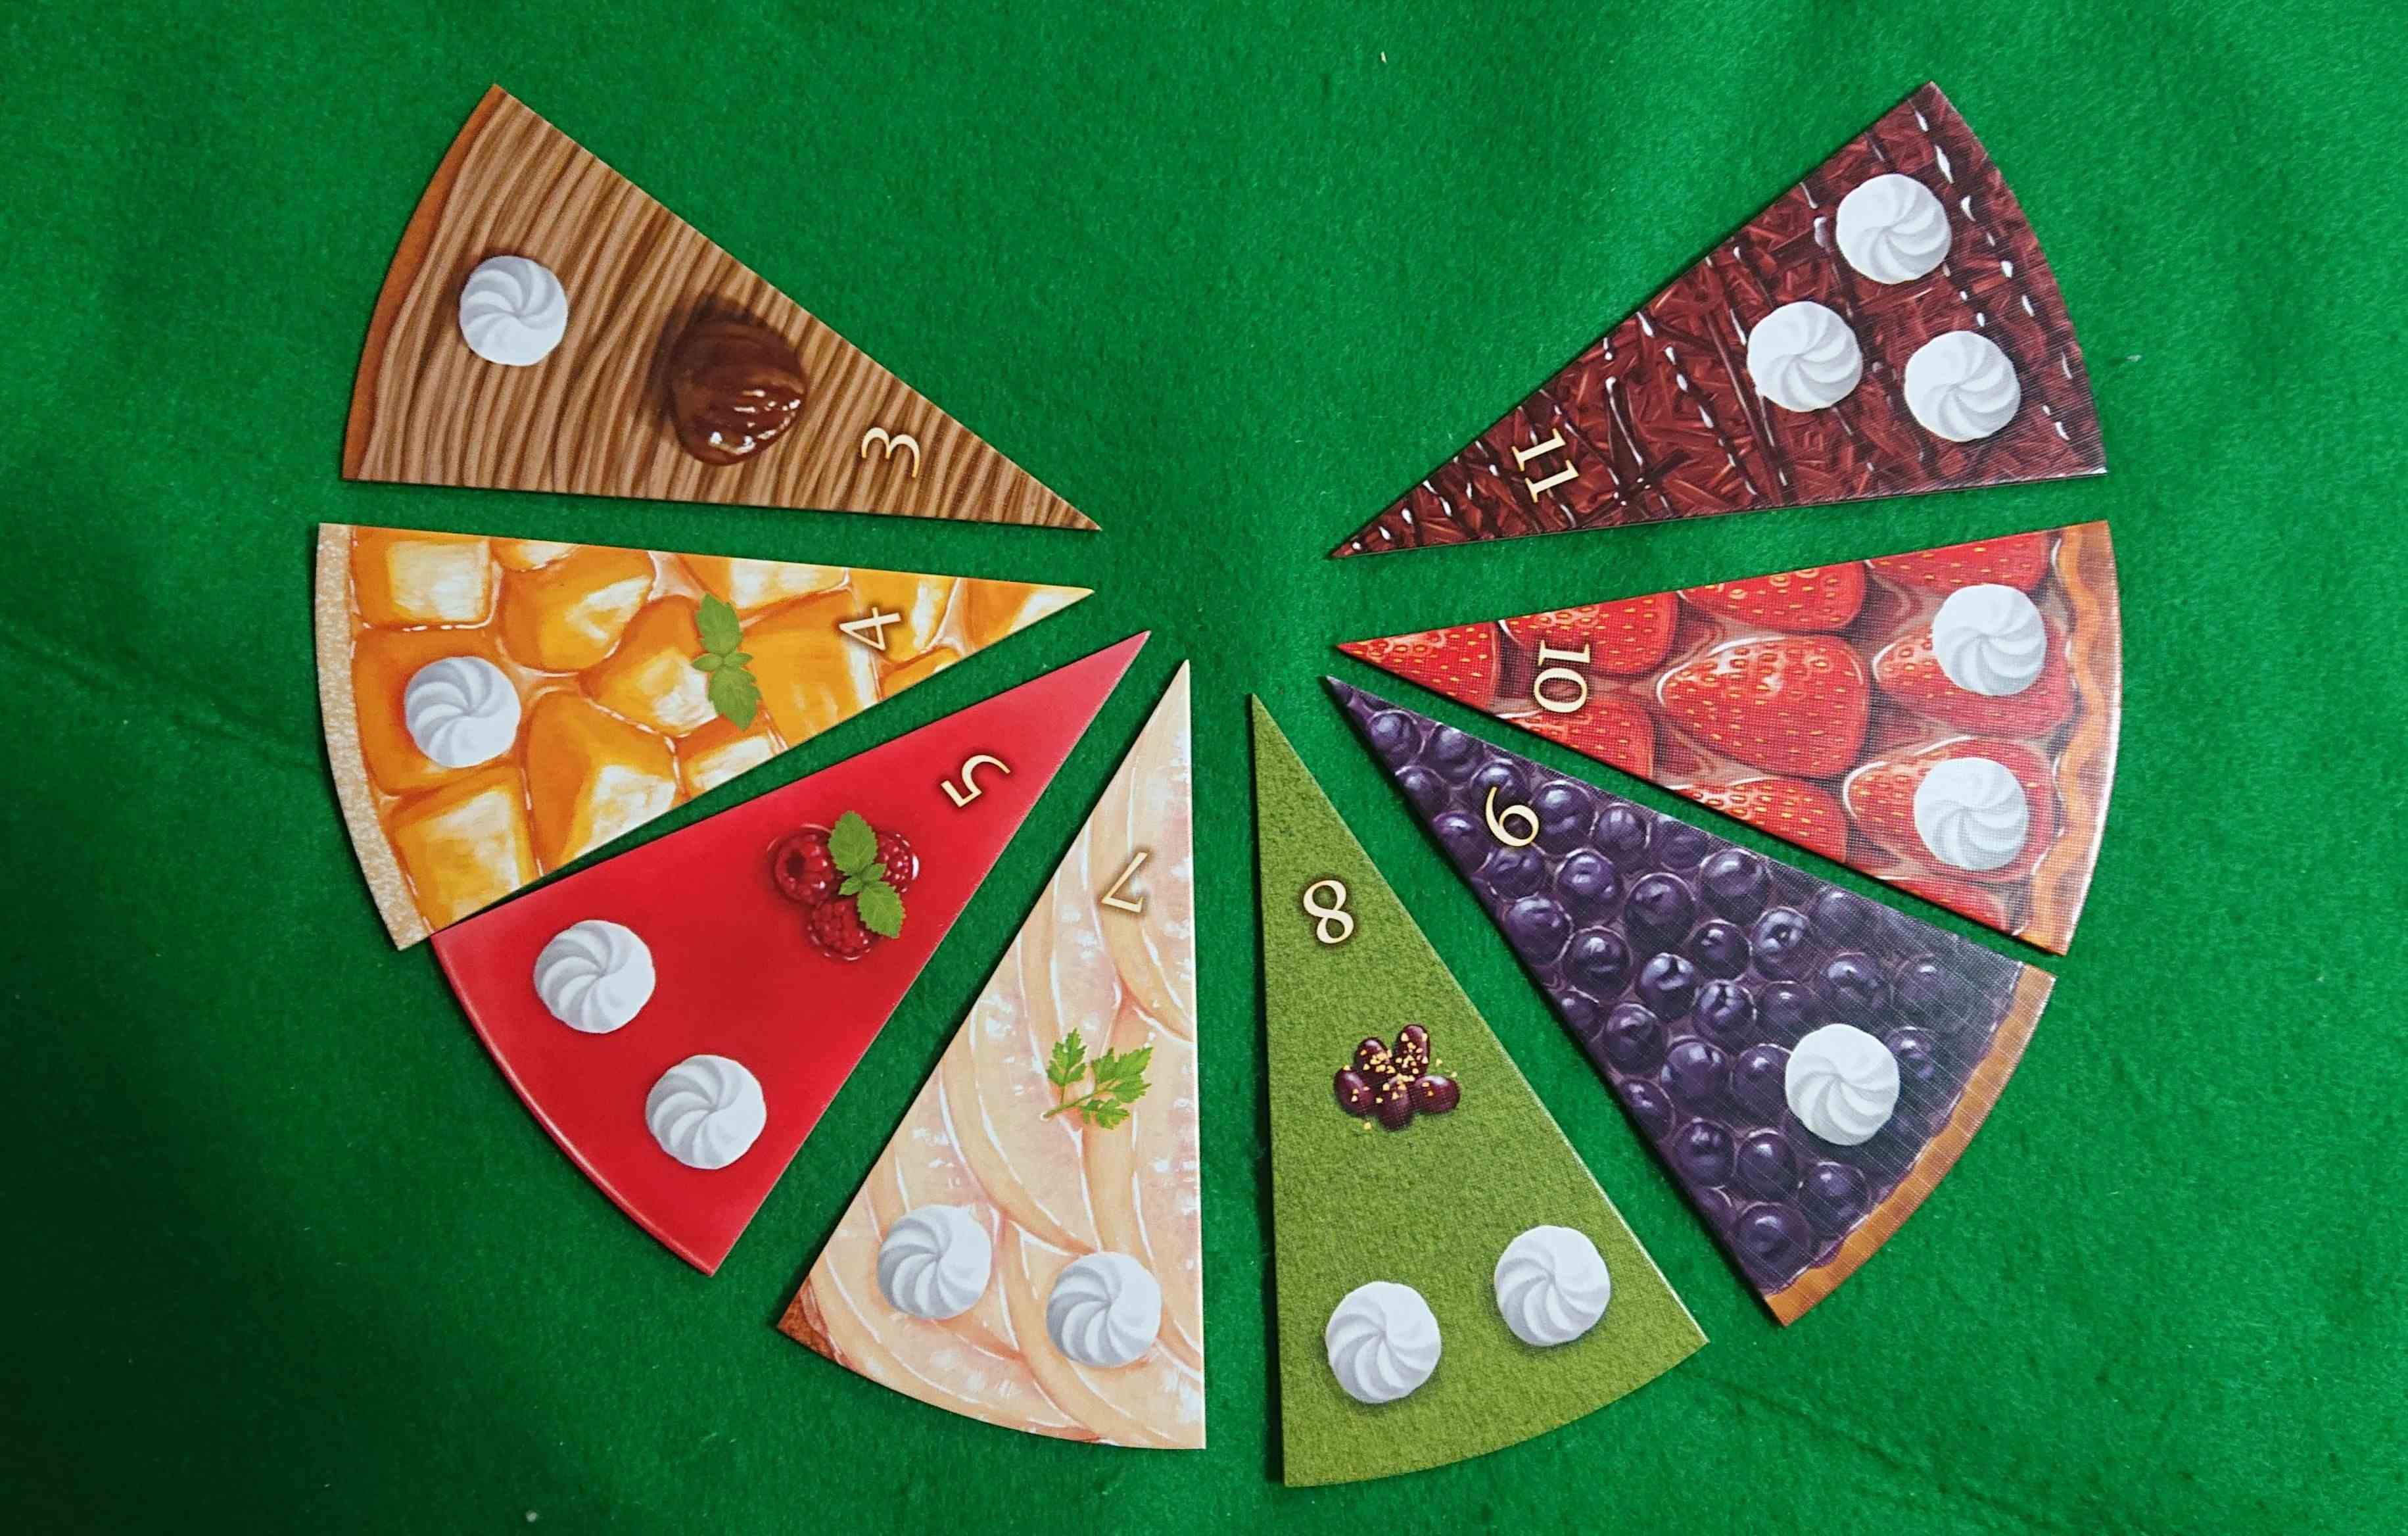 もっとホイップを! 見た目鮮やか ルール簡単!でも意外と思考性の高いゲームかも カードゲーム ボードゲーム